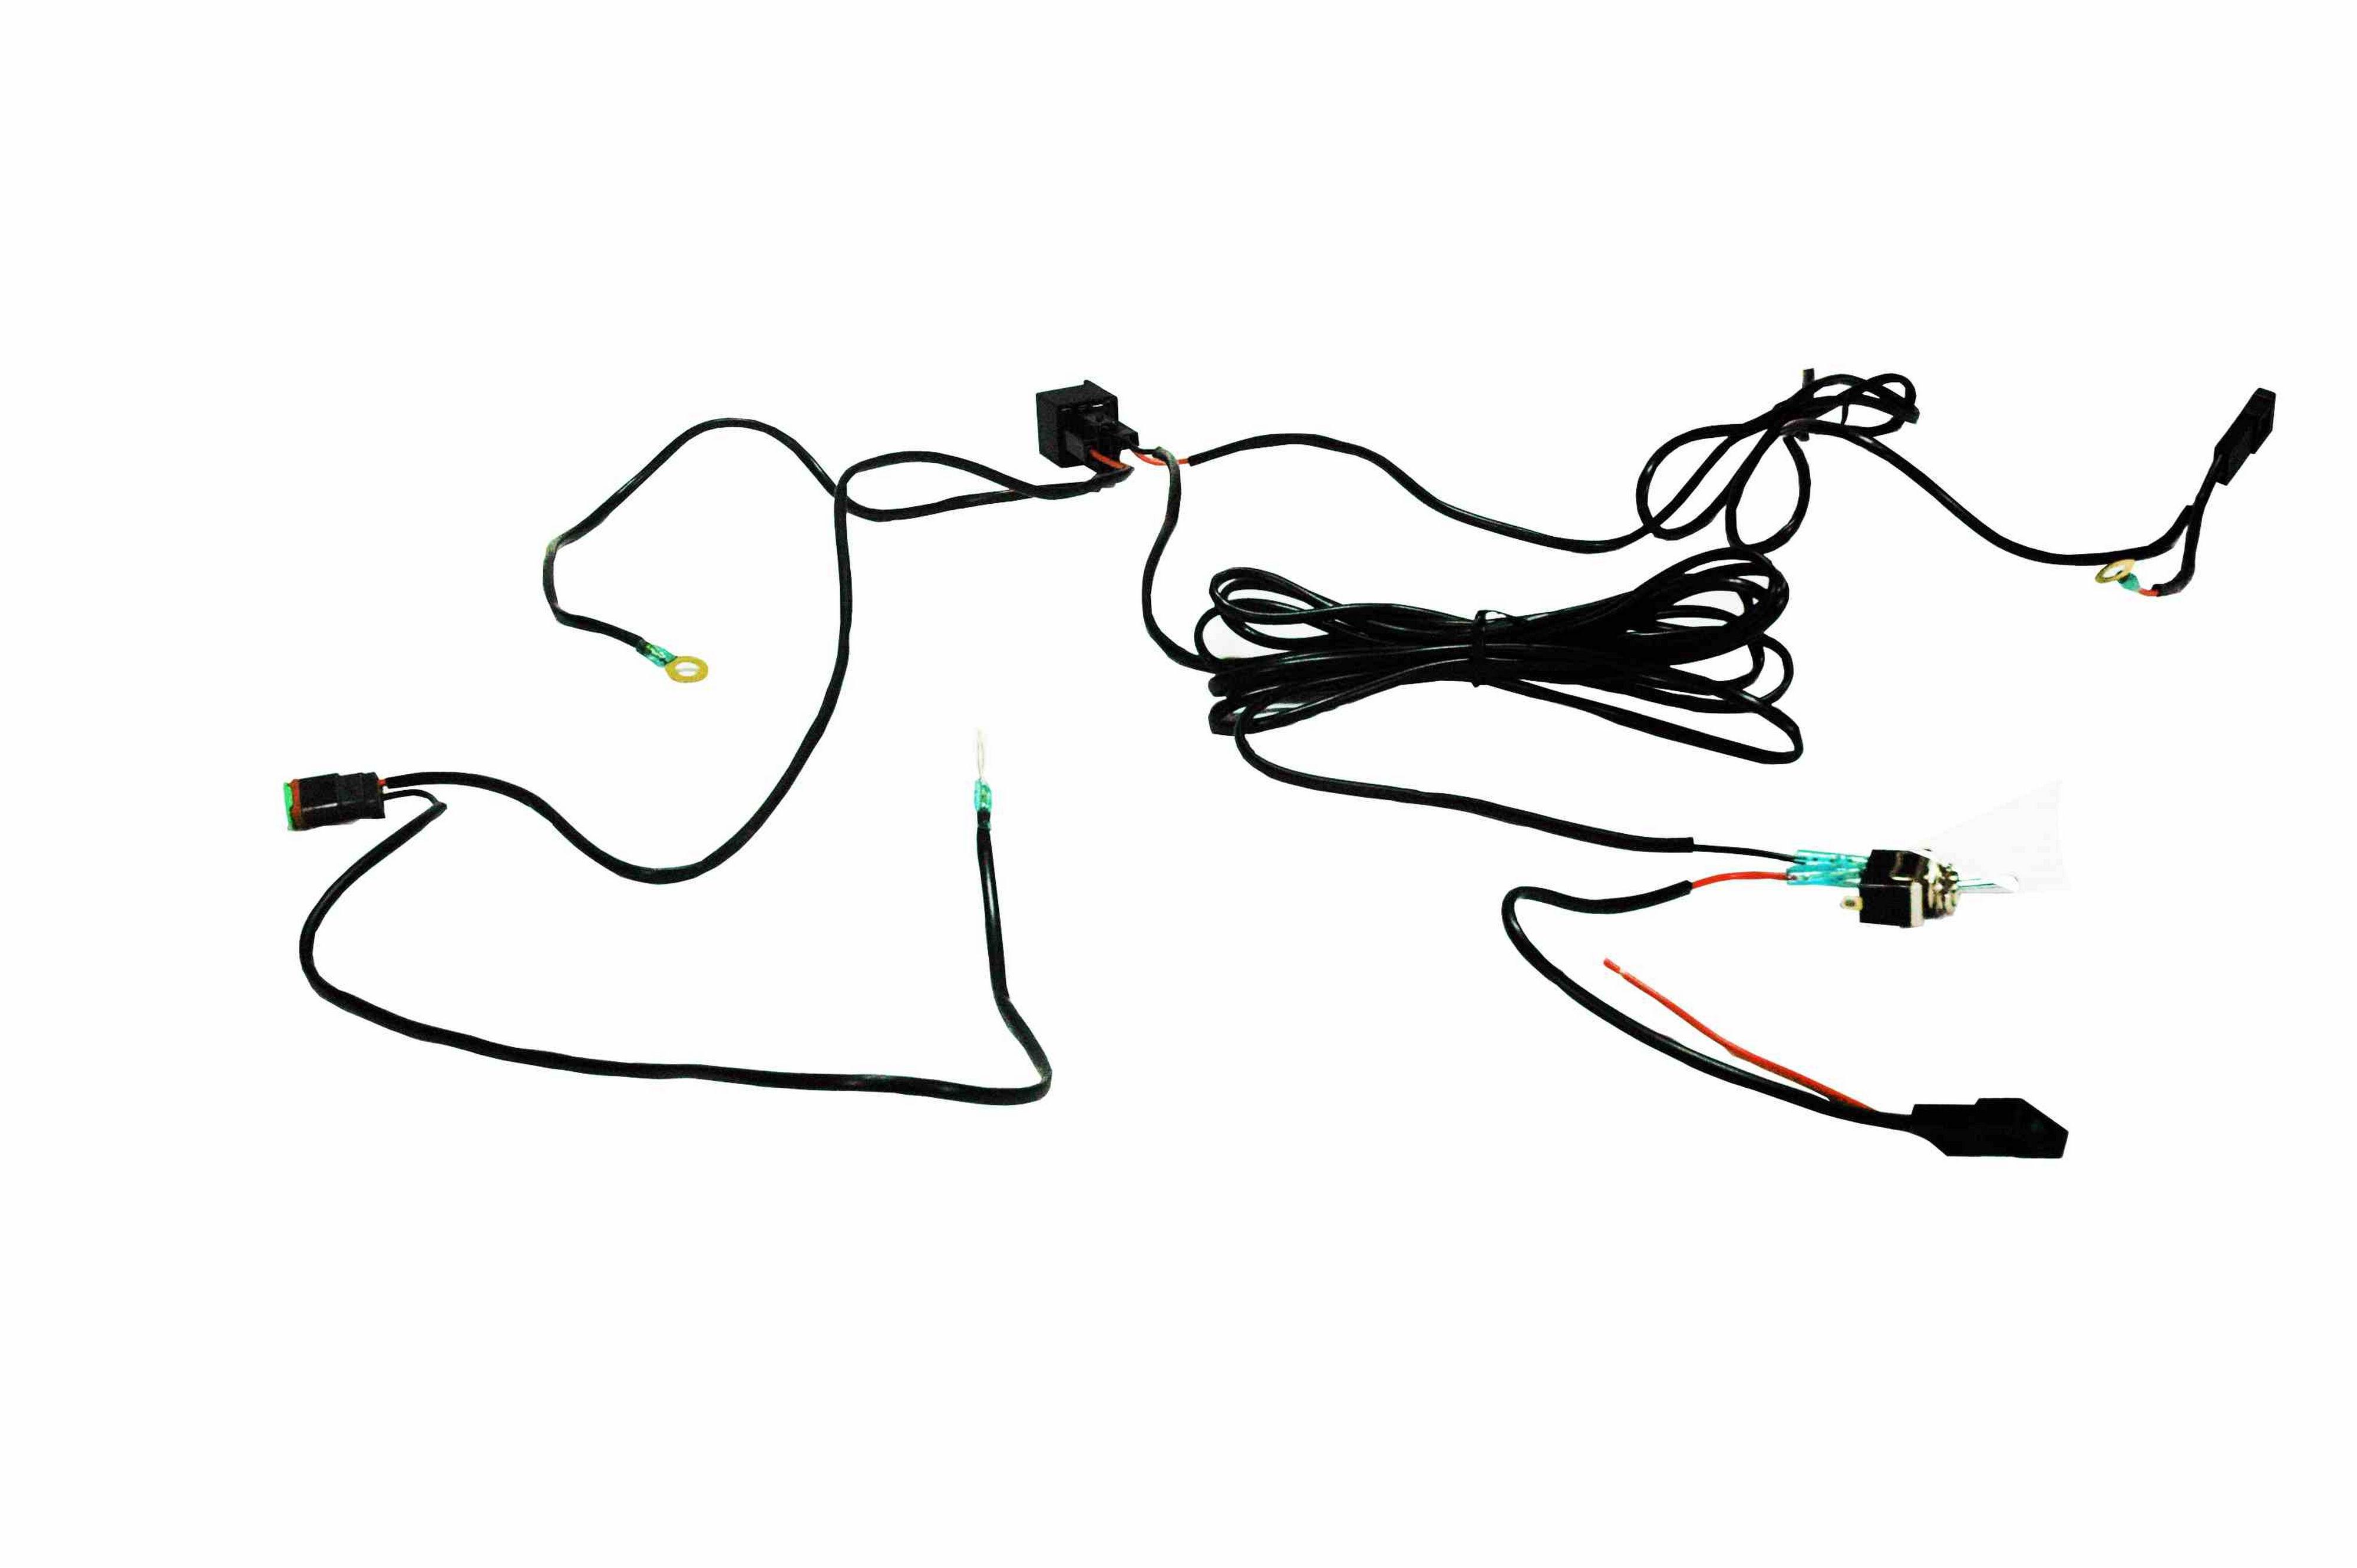 deutsch connector wiring harness